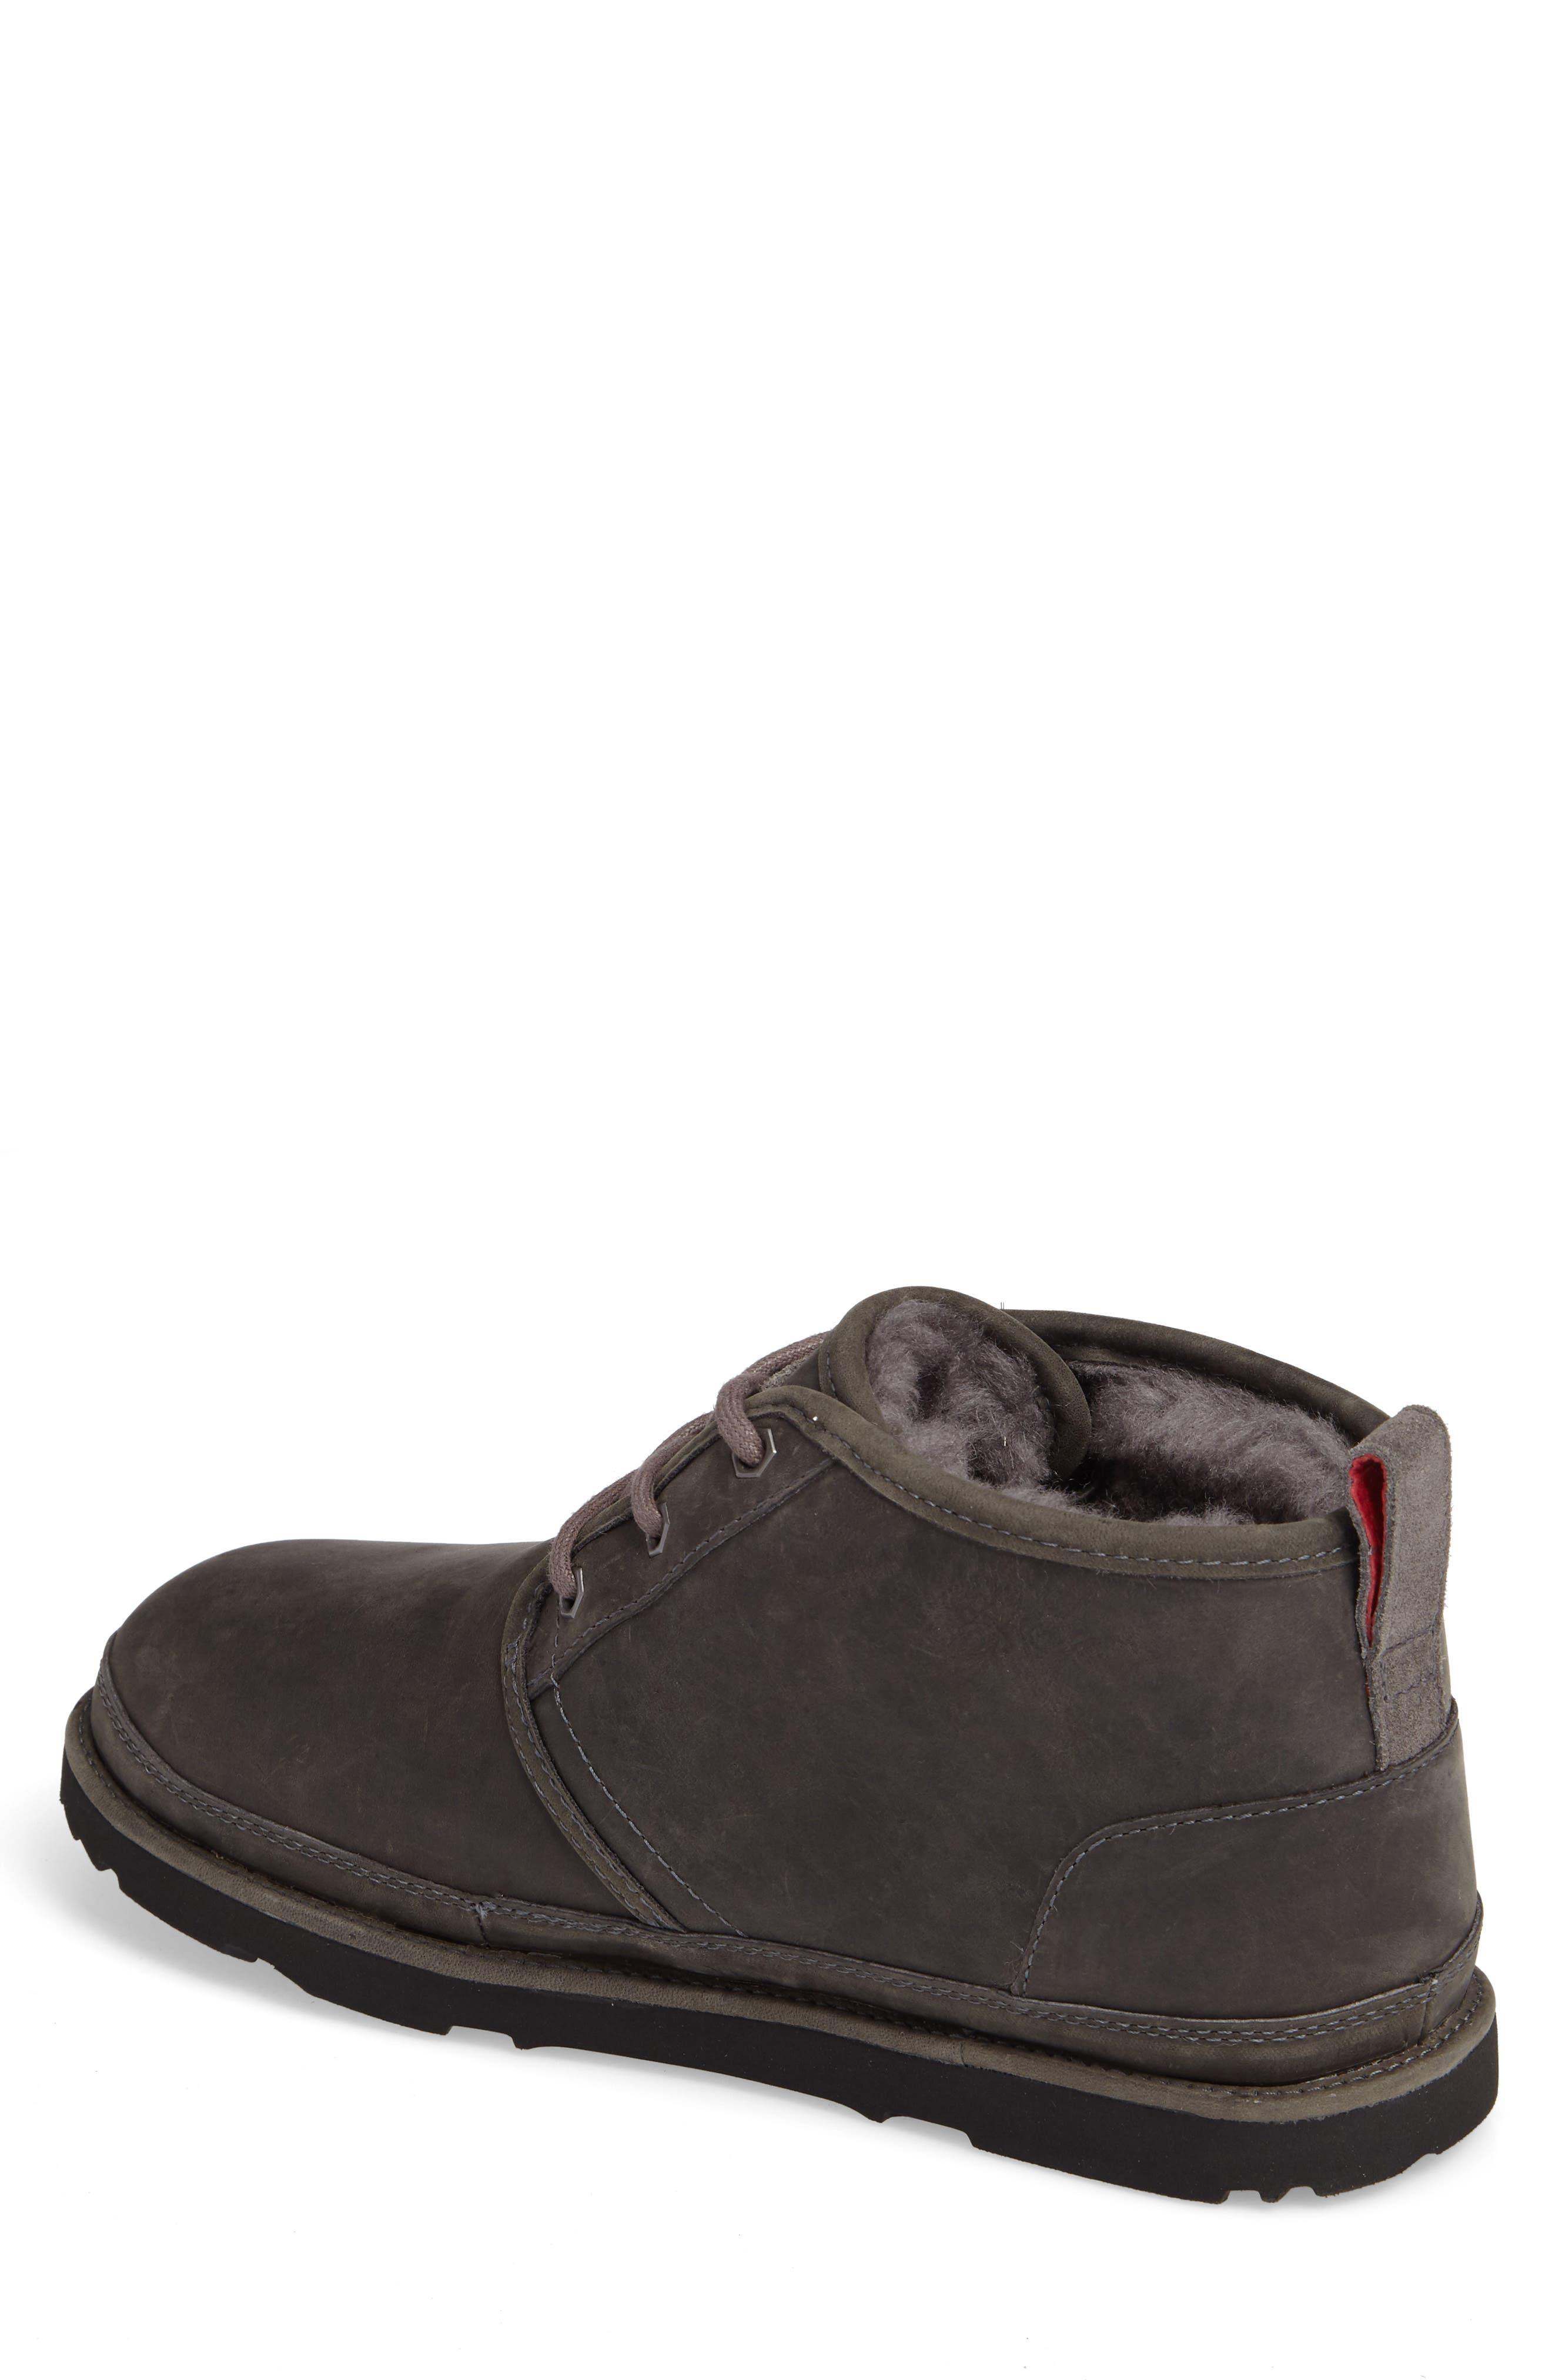 25e18a014cf Men's UGG® Chukka Boots | Nordstrom